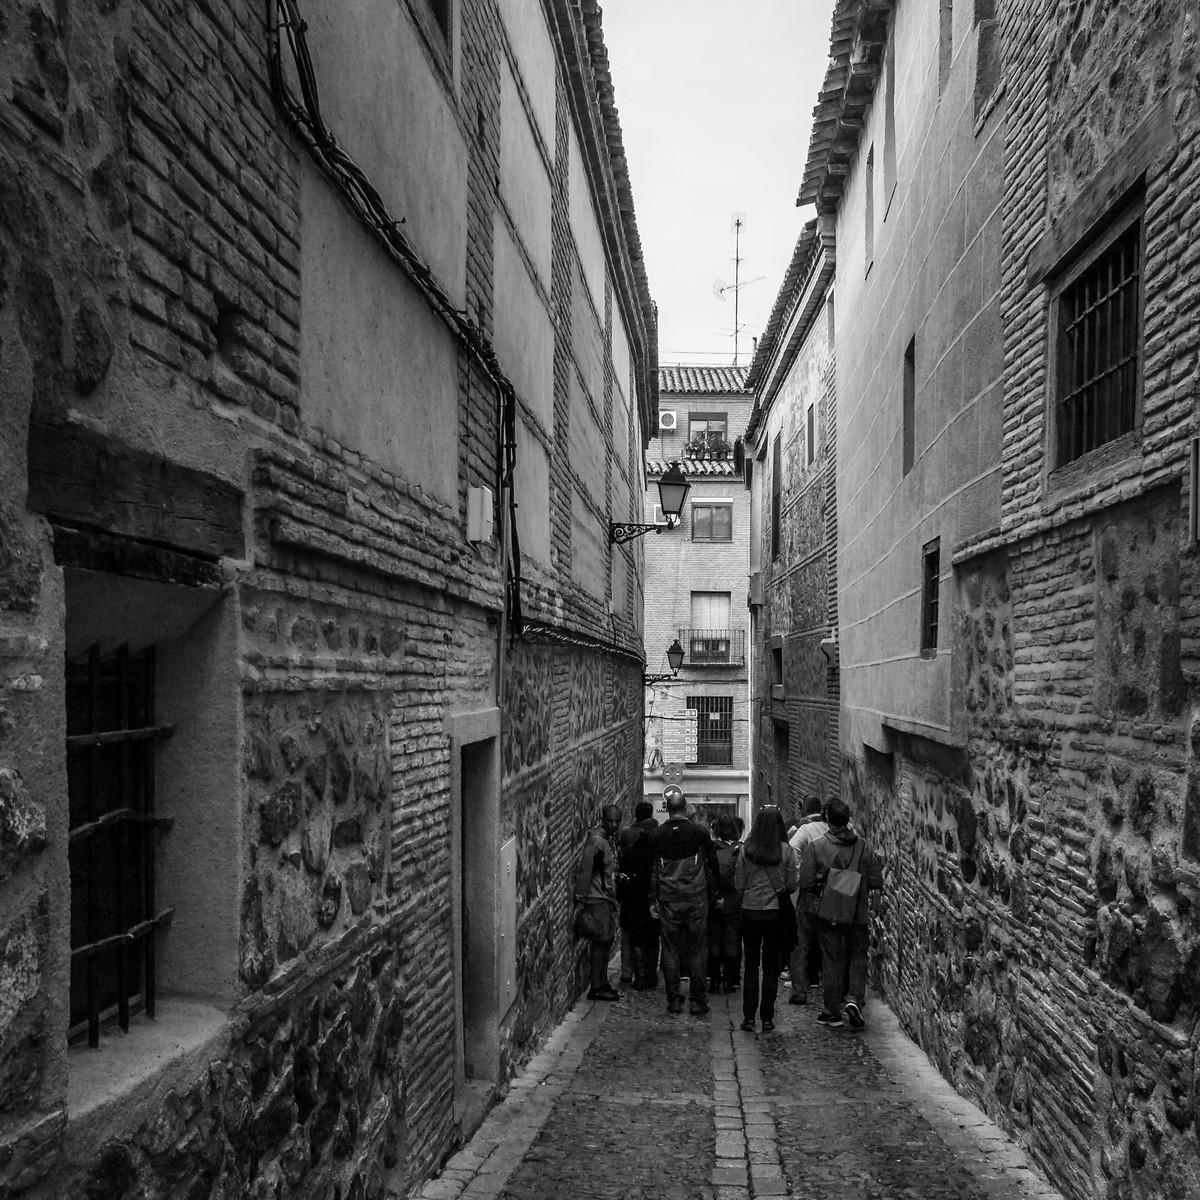 西班牙小镇,那些幽静的小石路_图1-6